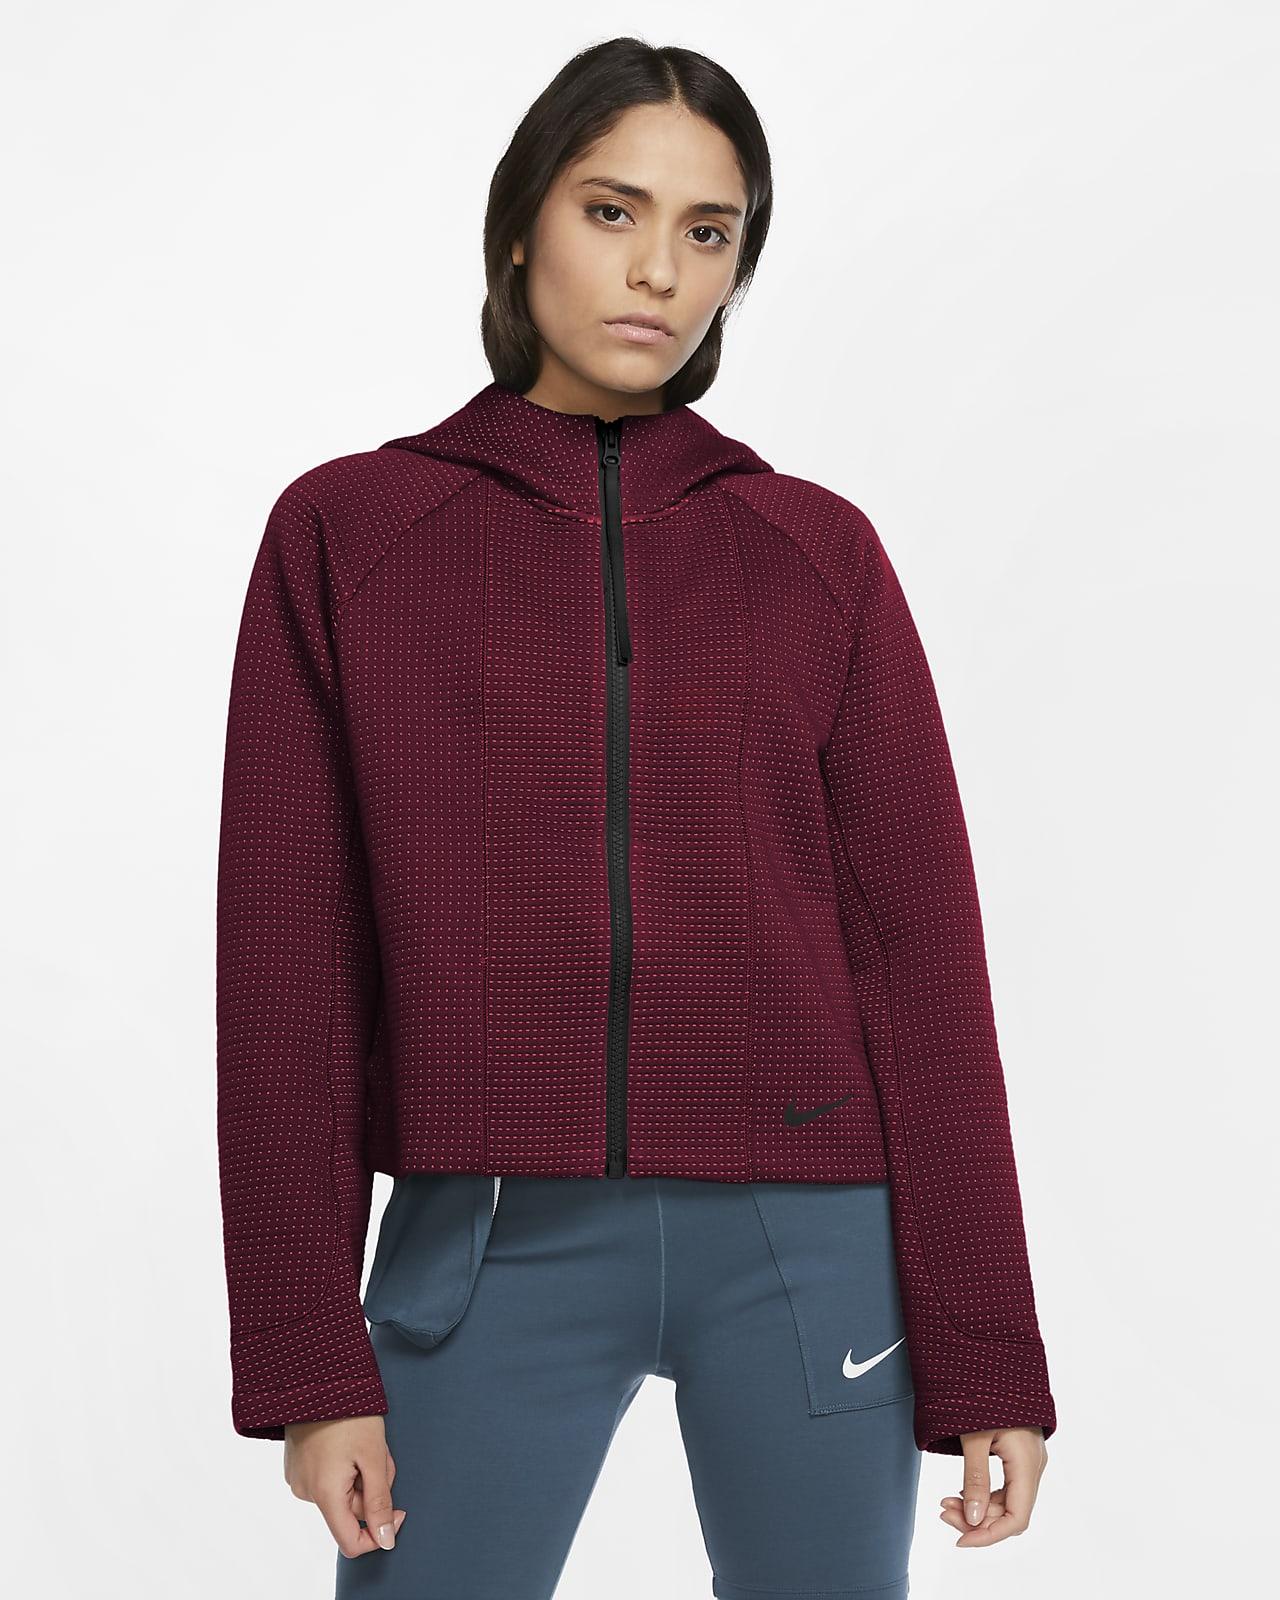 Dámská funkční mikina Nike Sportswear Tech Fleece s kapucí a zipem po celé délce